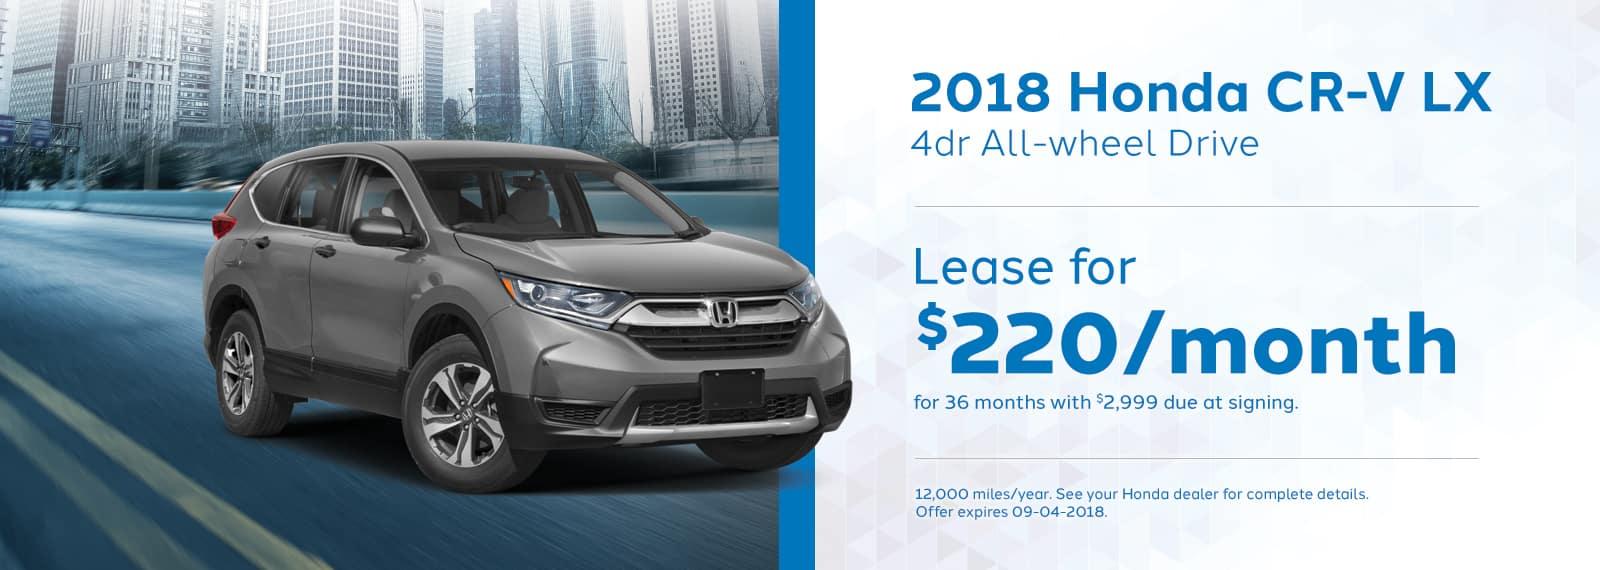 CRV Genthe Honda Lease special 2018-Honda-CR-V-